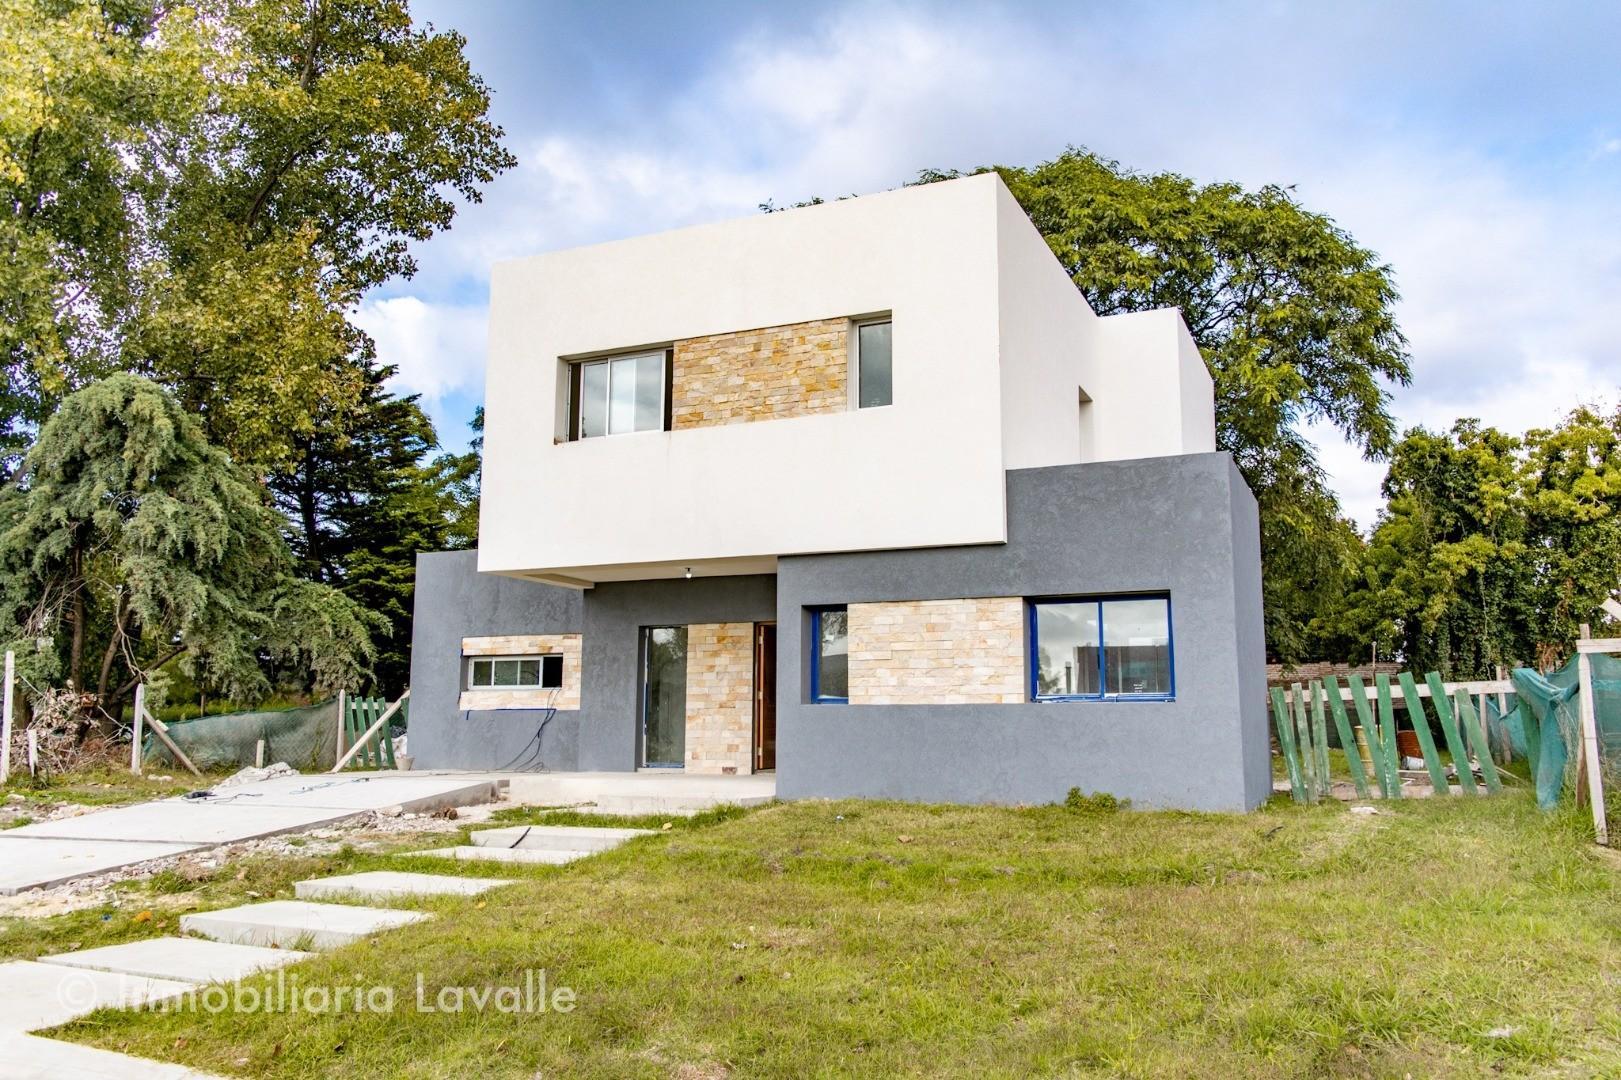 Casa en Venta en Countries y Barrios Cerrados Berazategui - 4 ambientes